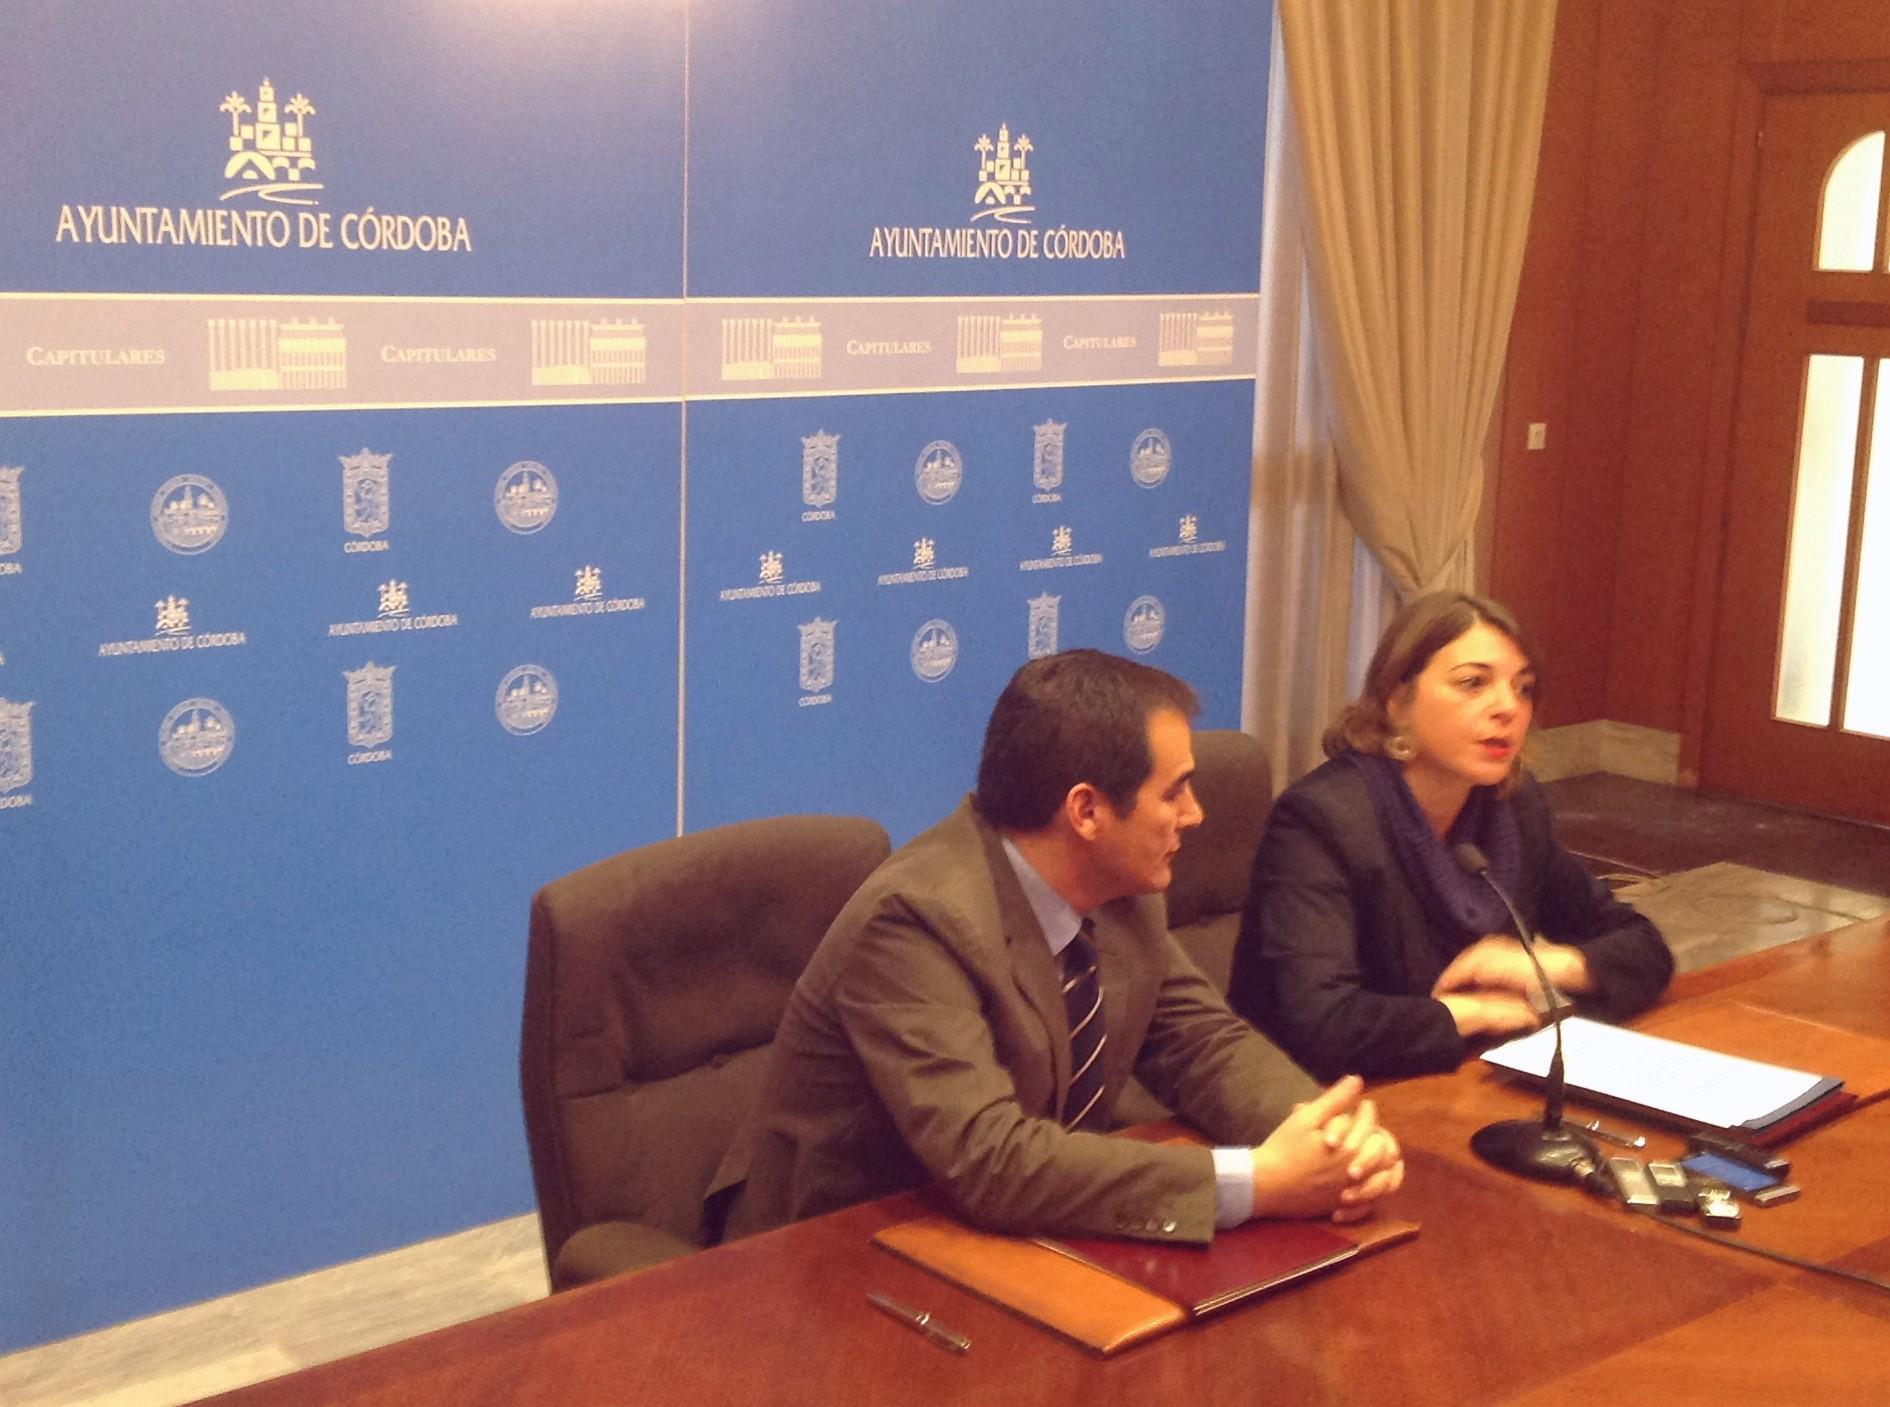 La consejera ha firmado el convenio de colaboración con el Ayuntamiento de Córdoba.